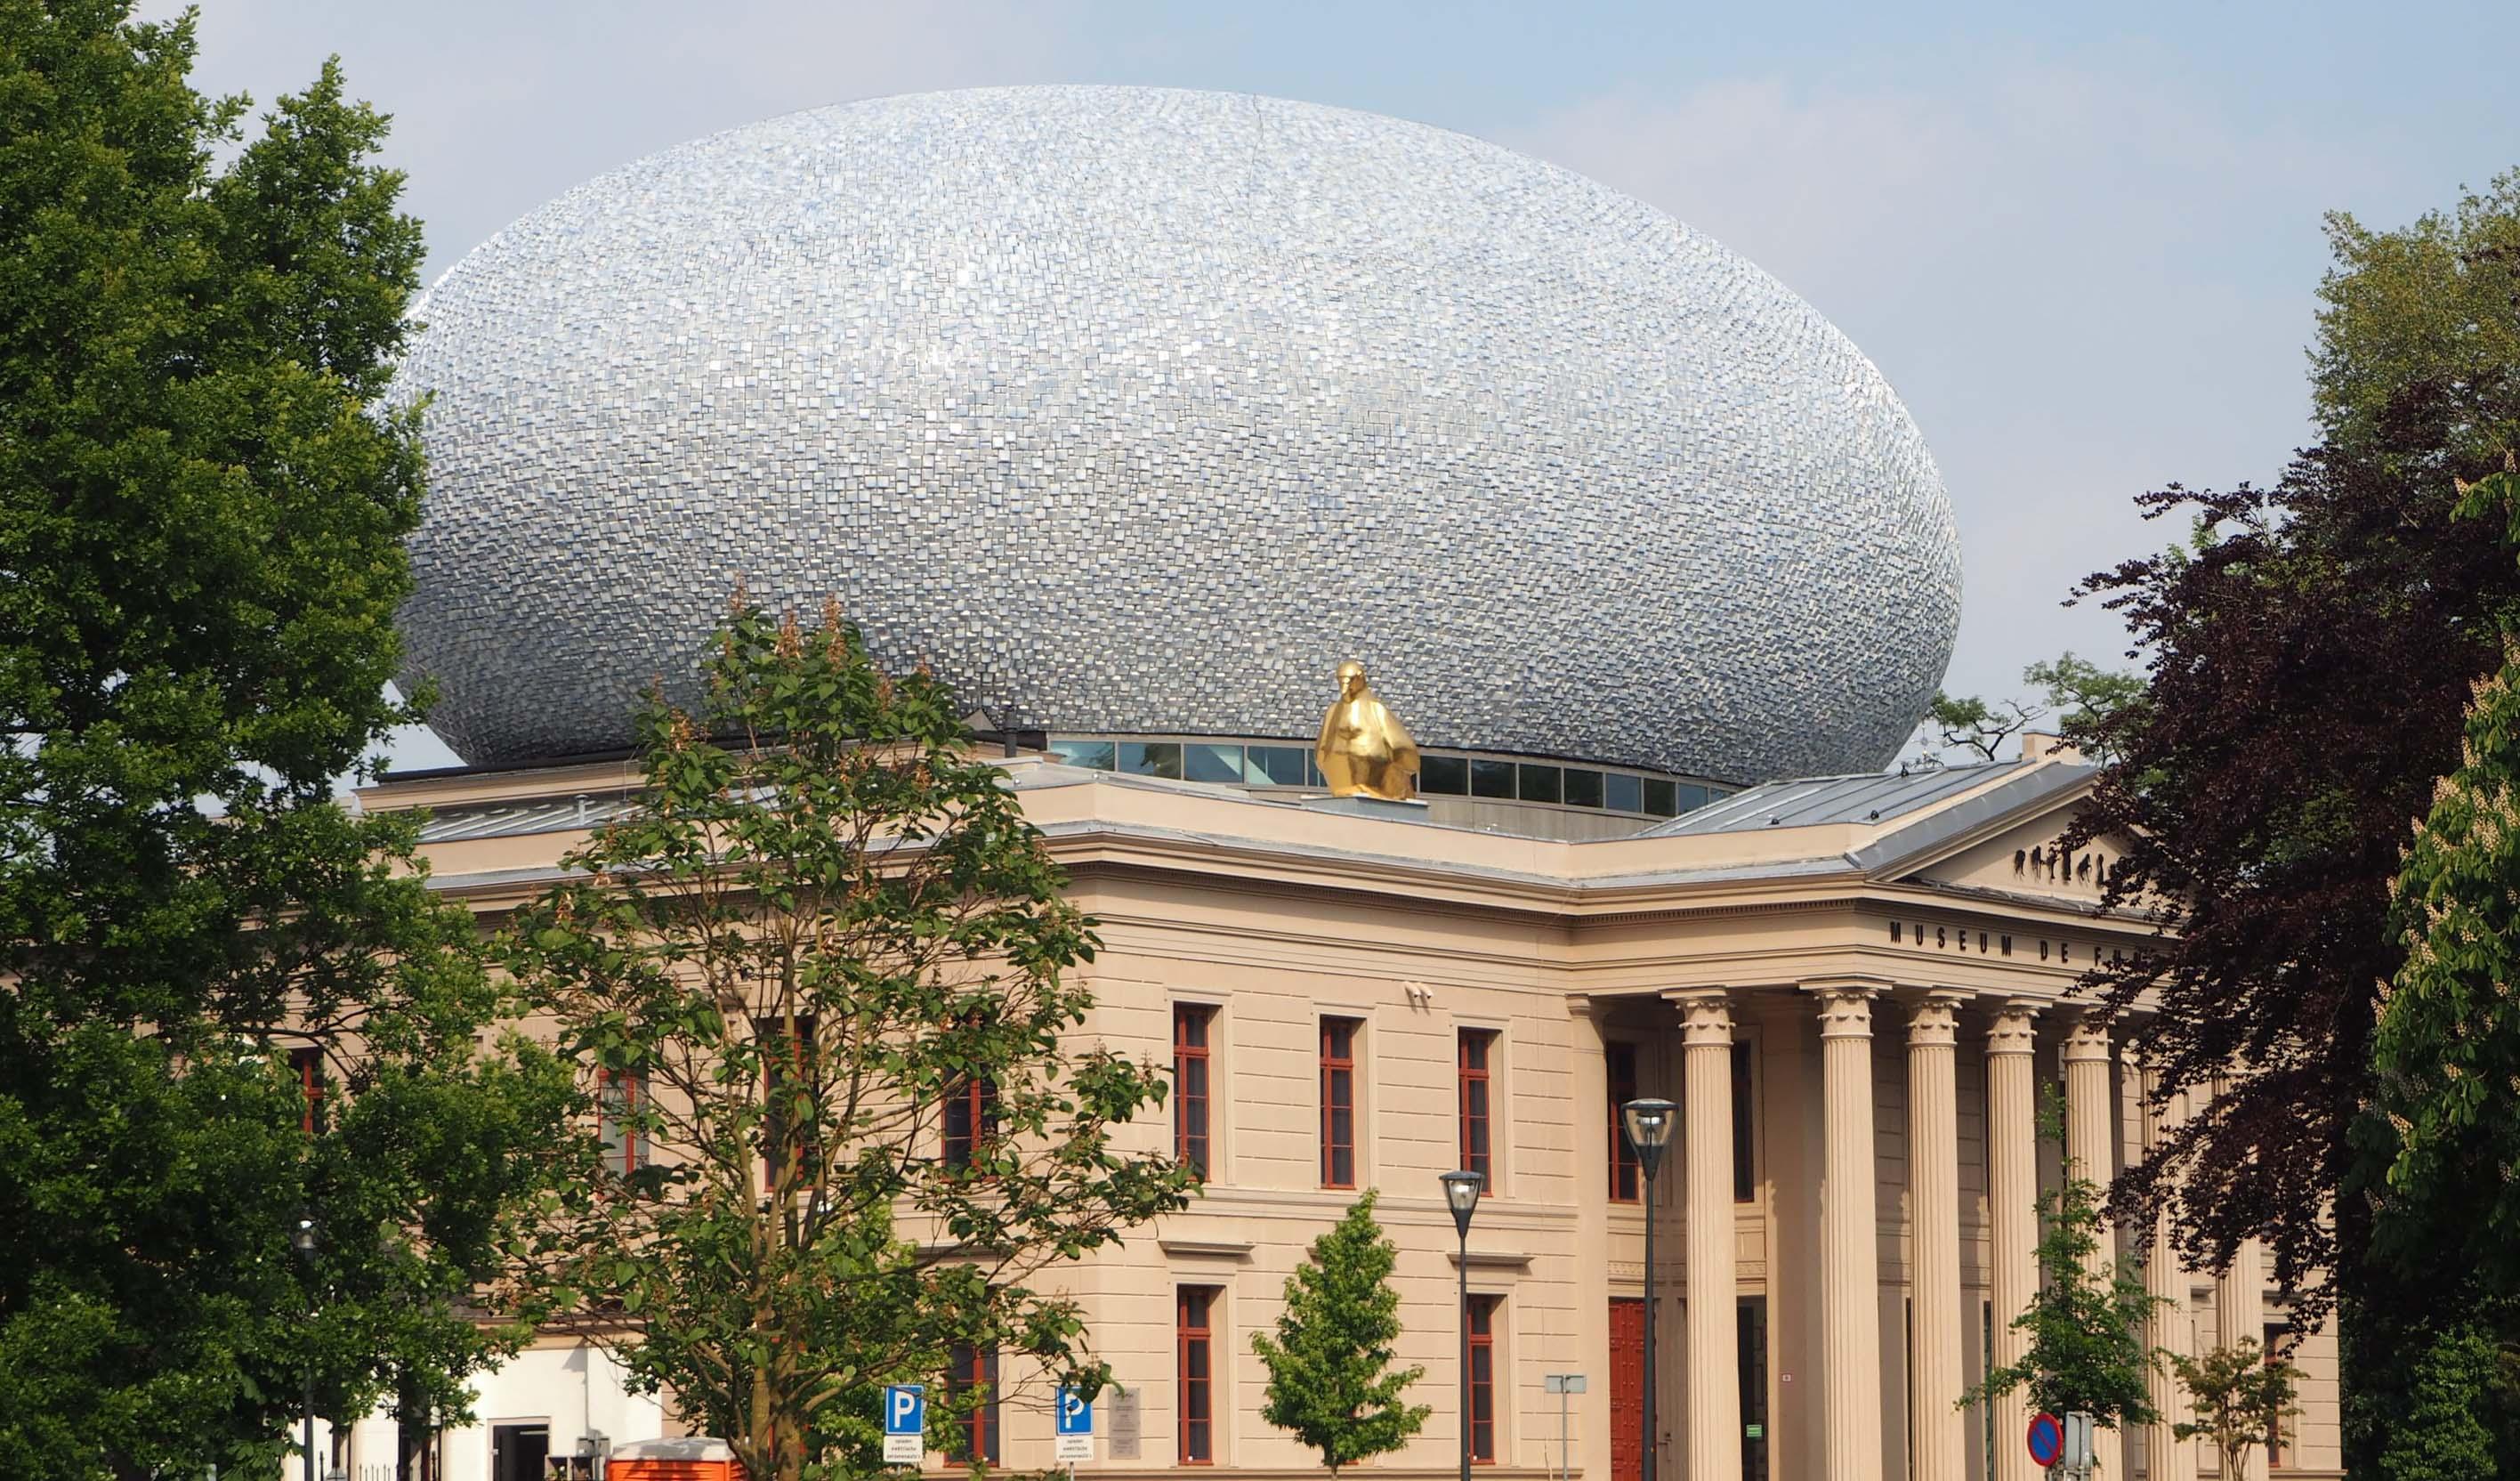 Hanzestad Zwolle centrum van cultuur en handel. Museum de Fundatie is een van de trekkers © Wilma Lankhorst